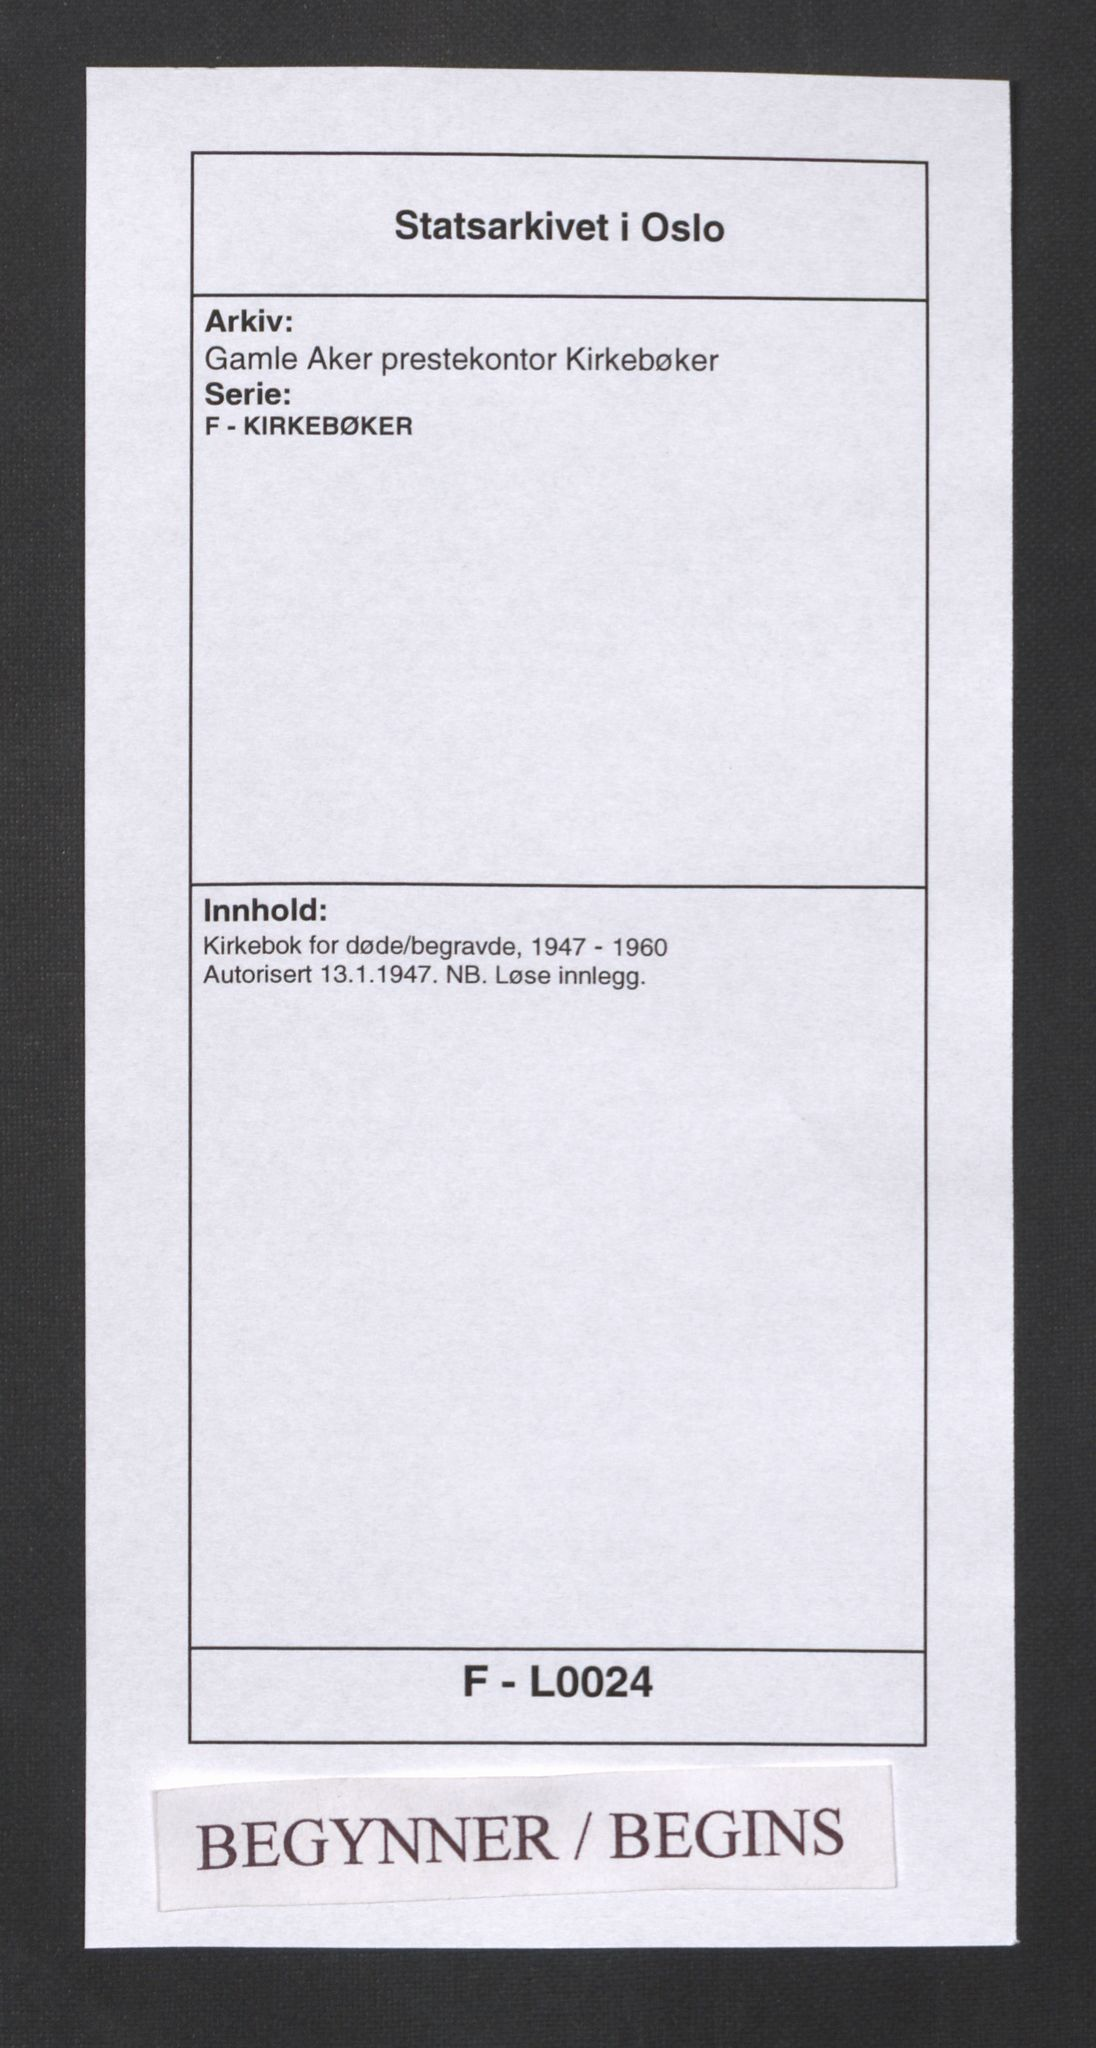 SAO, Gamle Aker prestekontor Kirkebøker, F/L0024: Ministerialbok nr. 24, 1947-1960